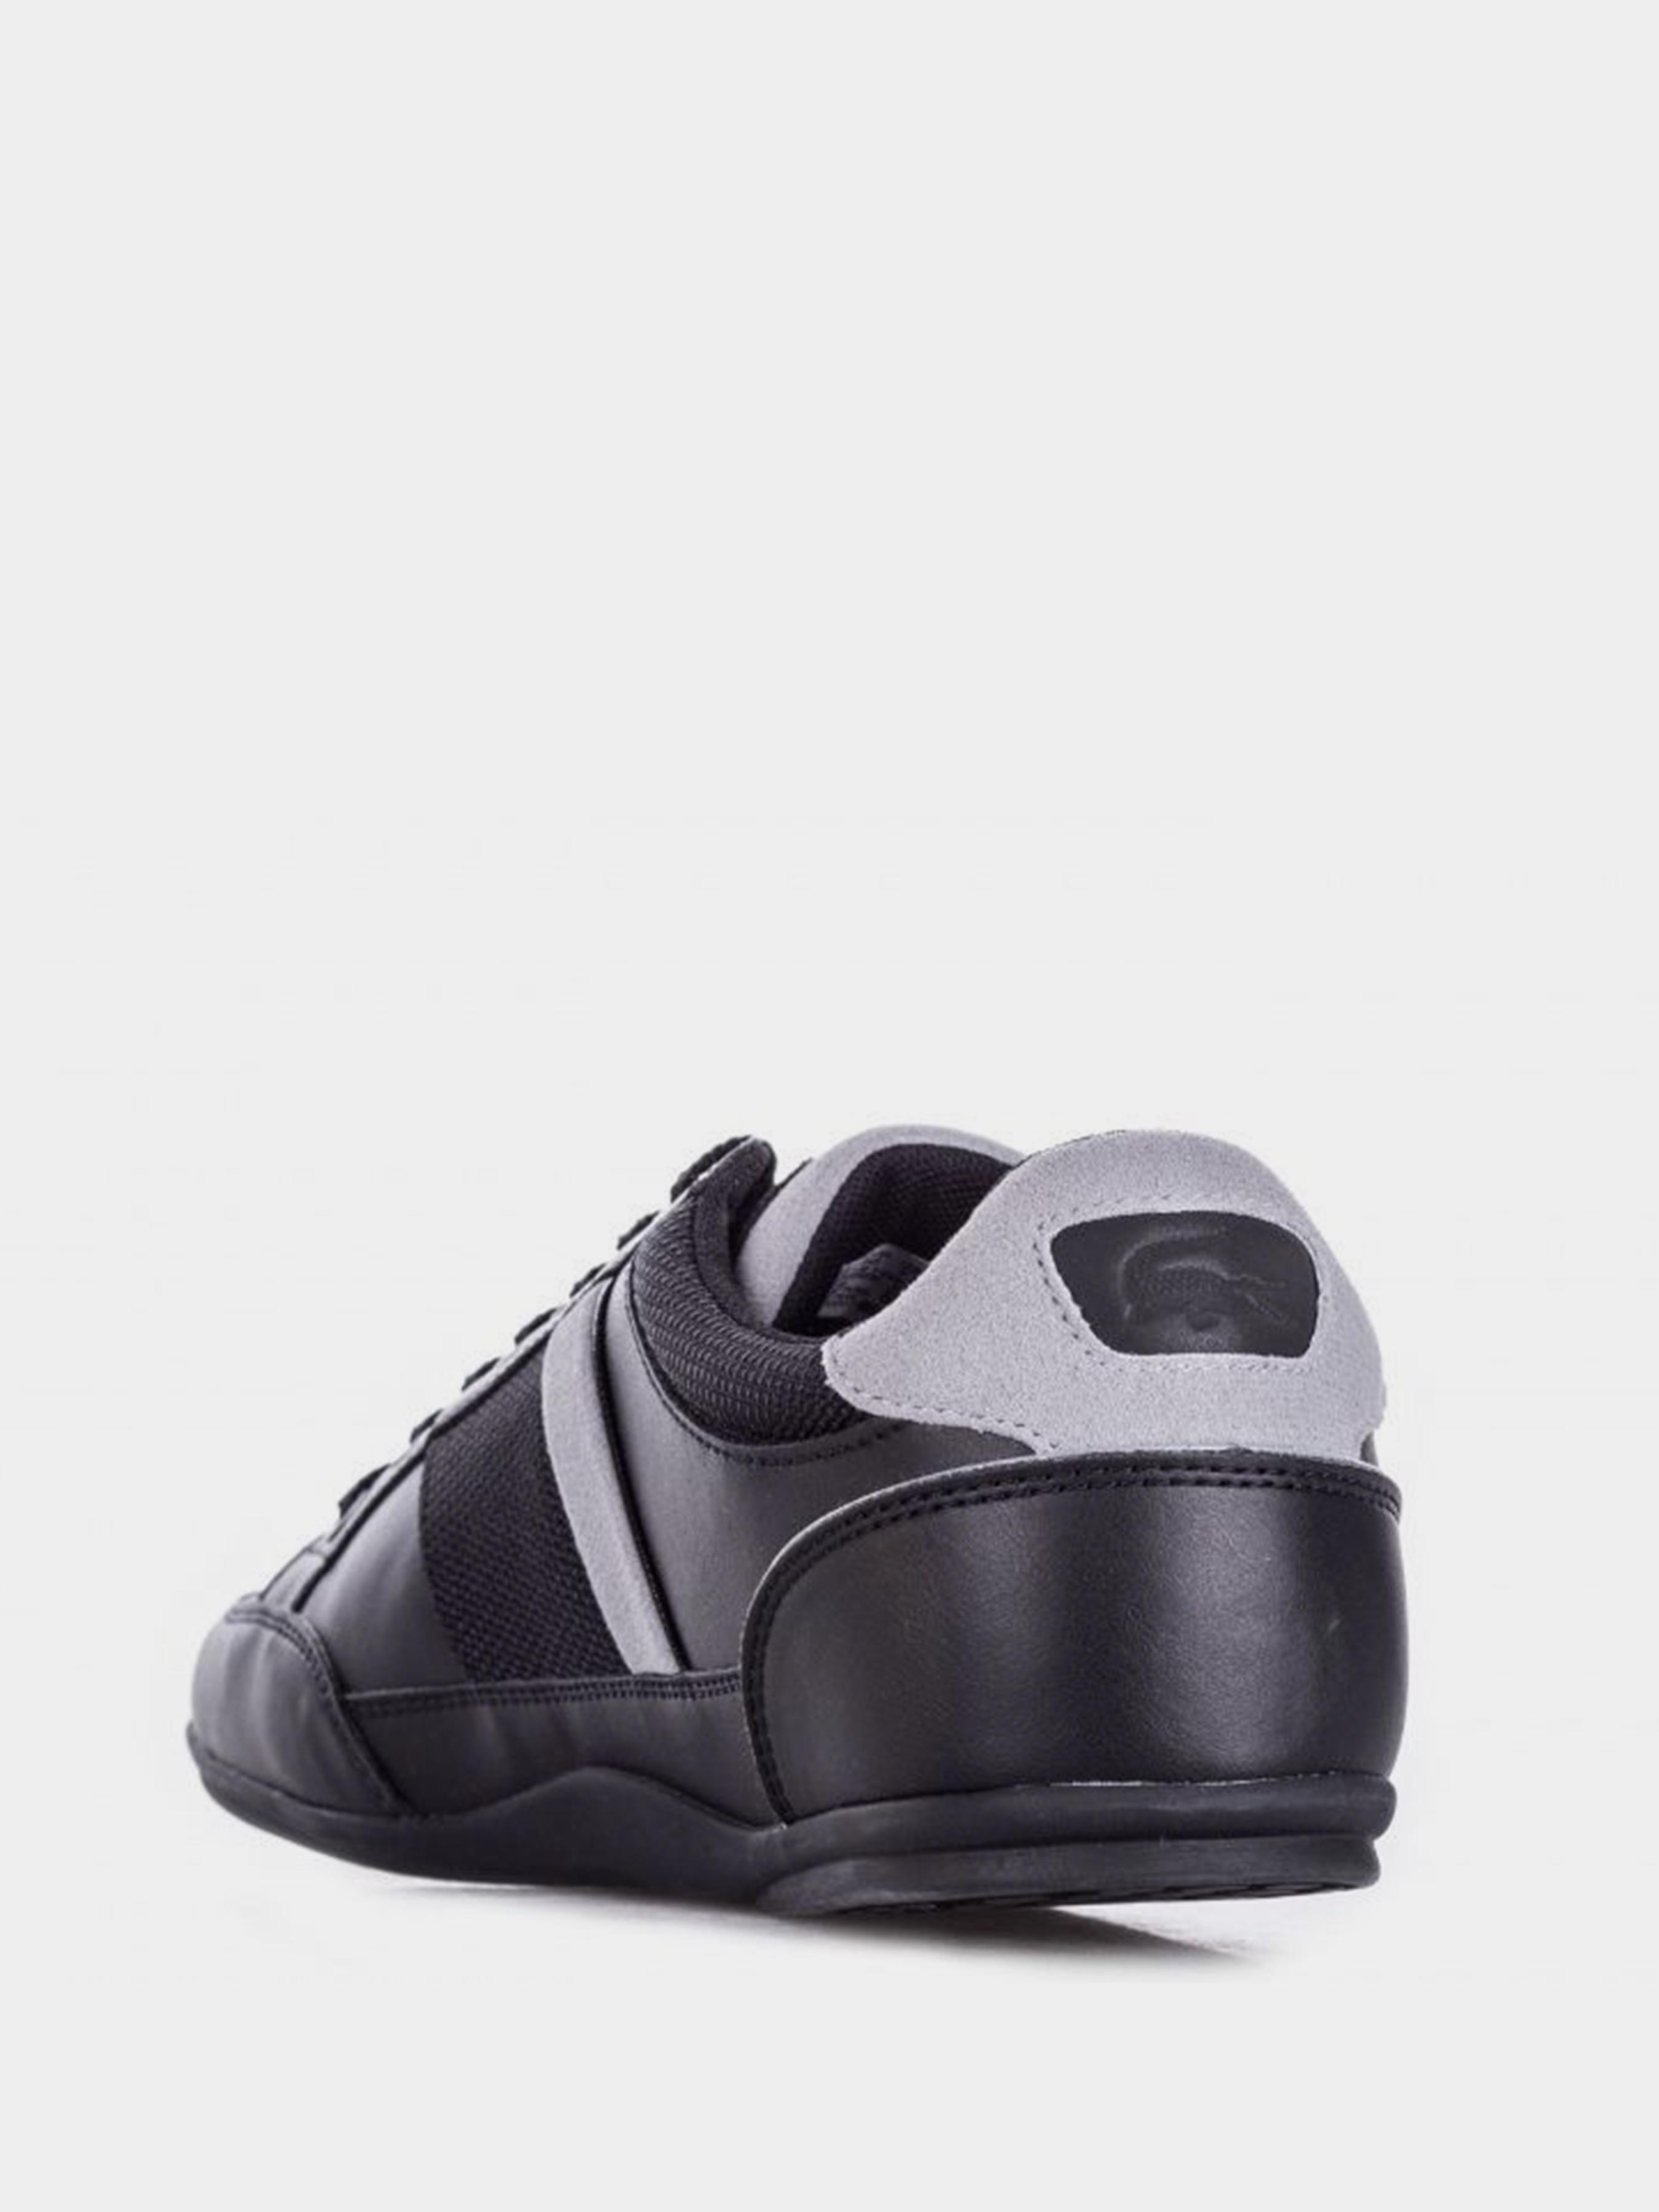 Кроссовки мужские Lacoste CHAYMON LK179 брендовая обувь, 2017